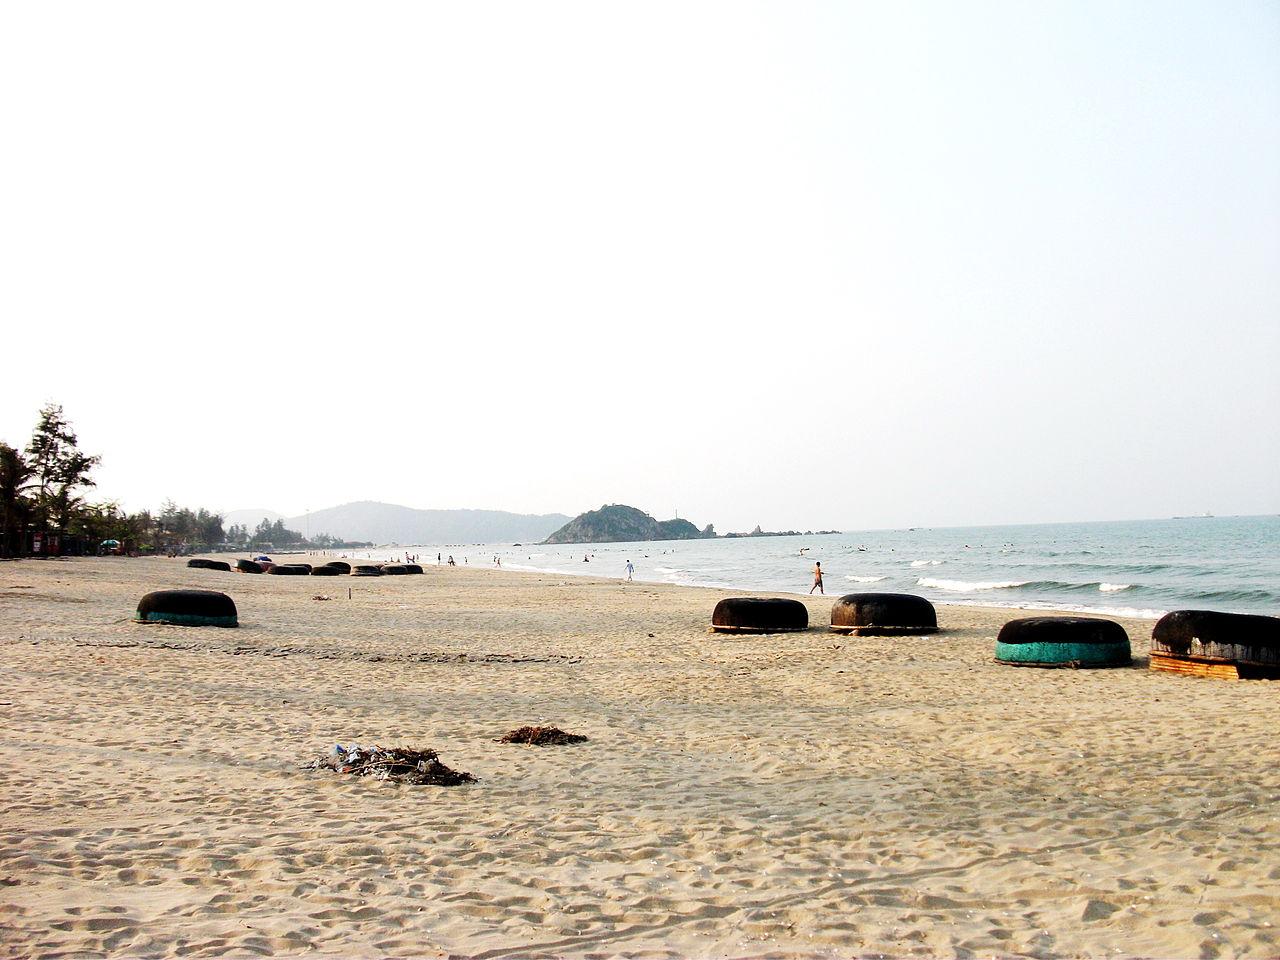 Beach of Cửa Lò